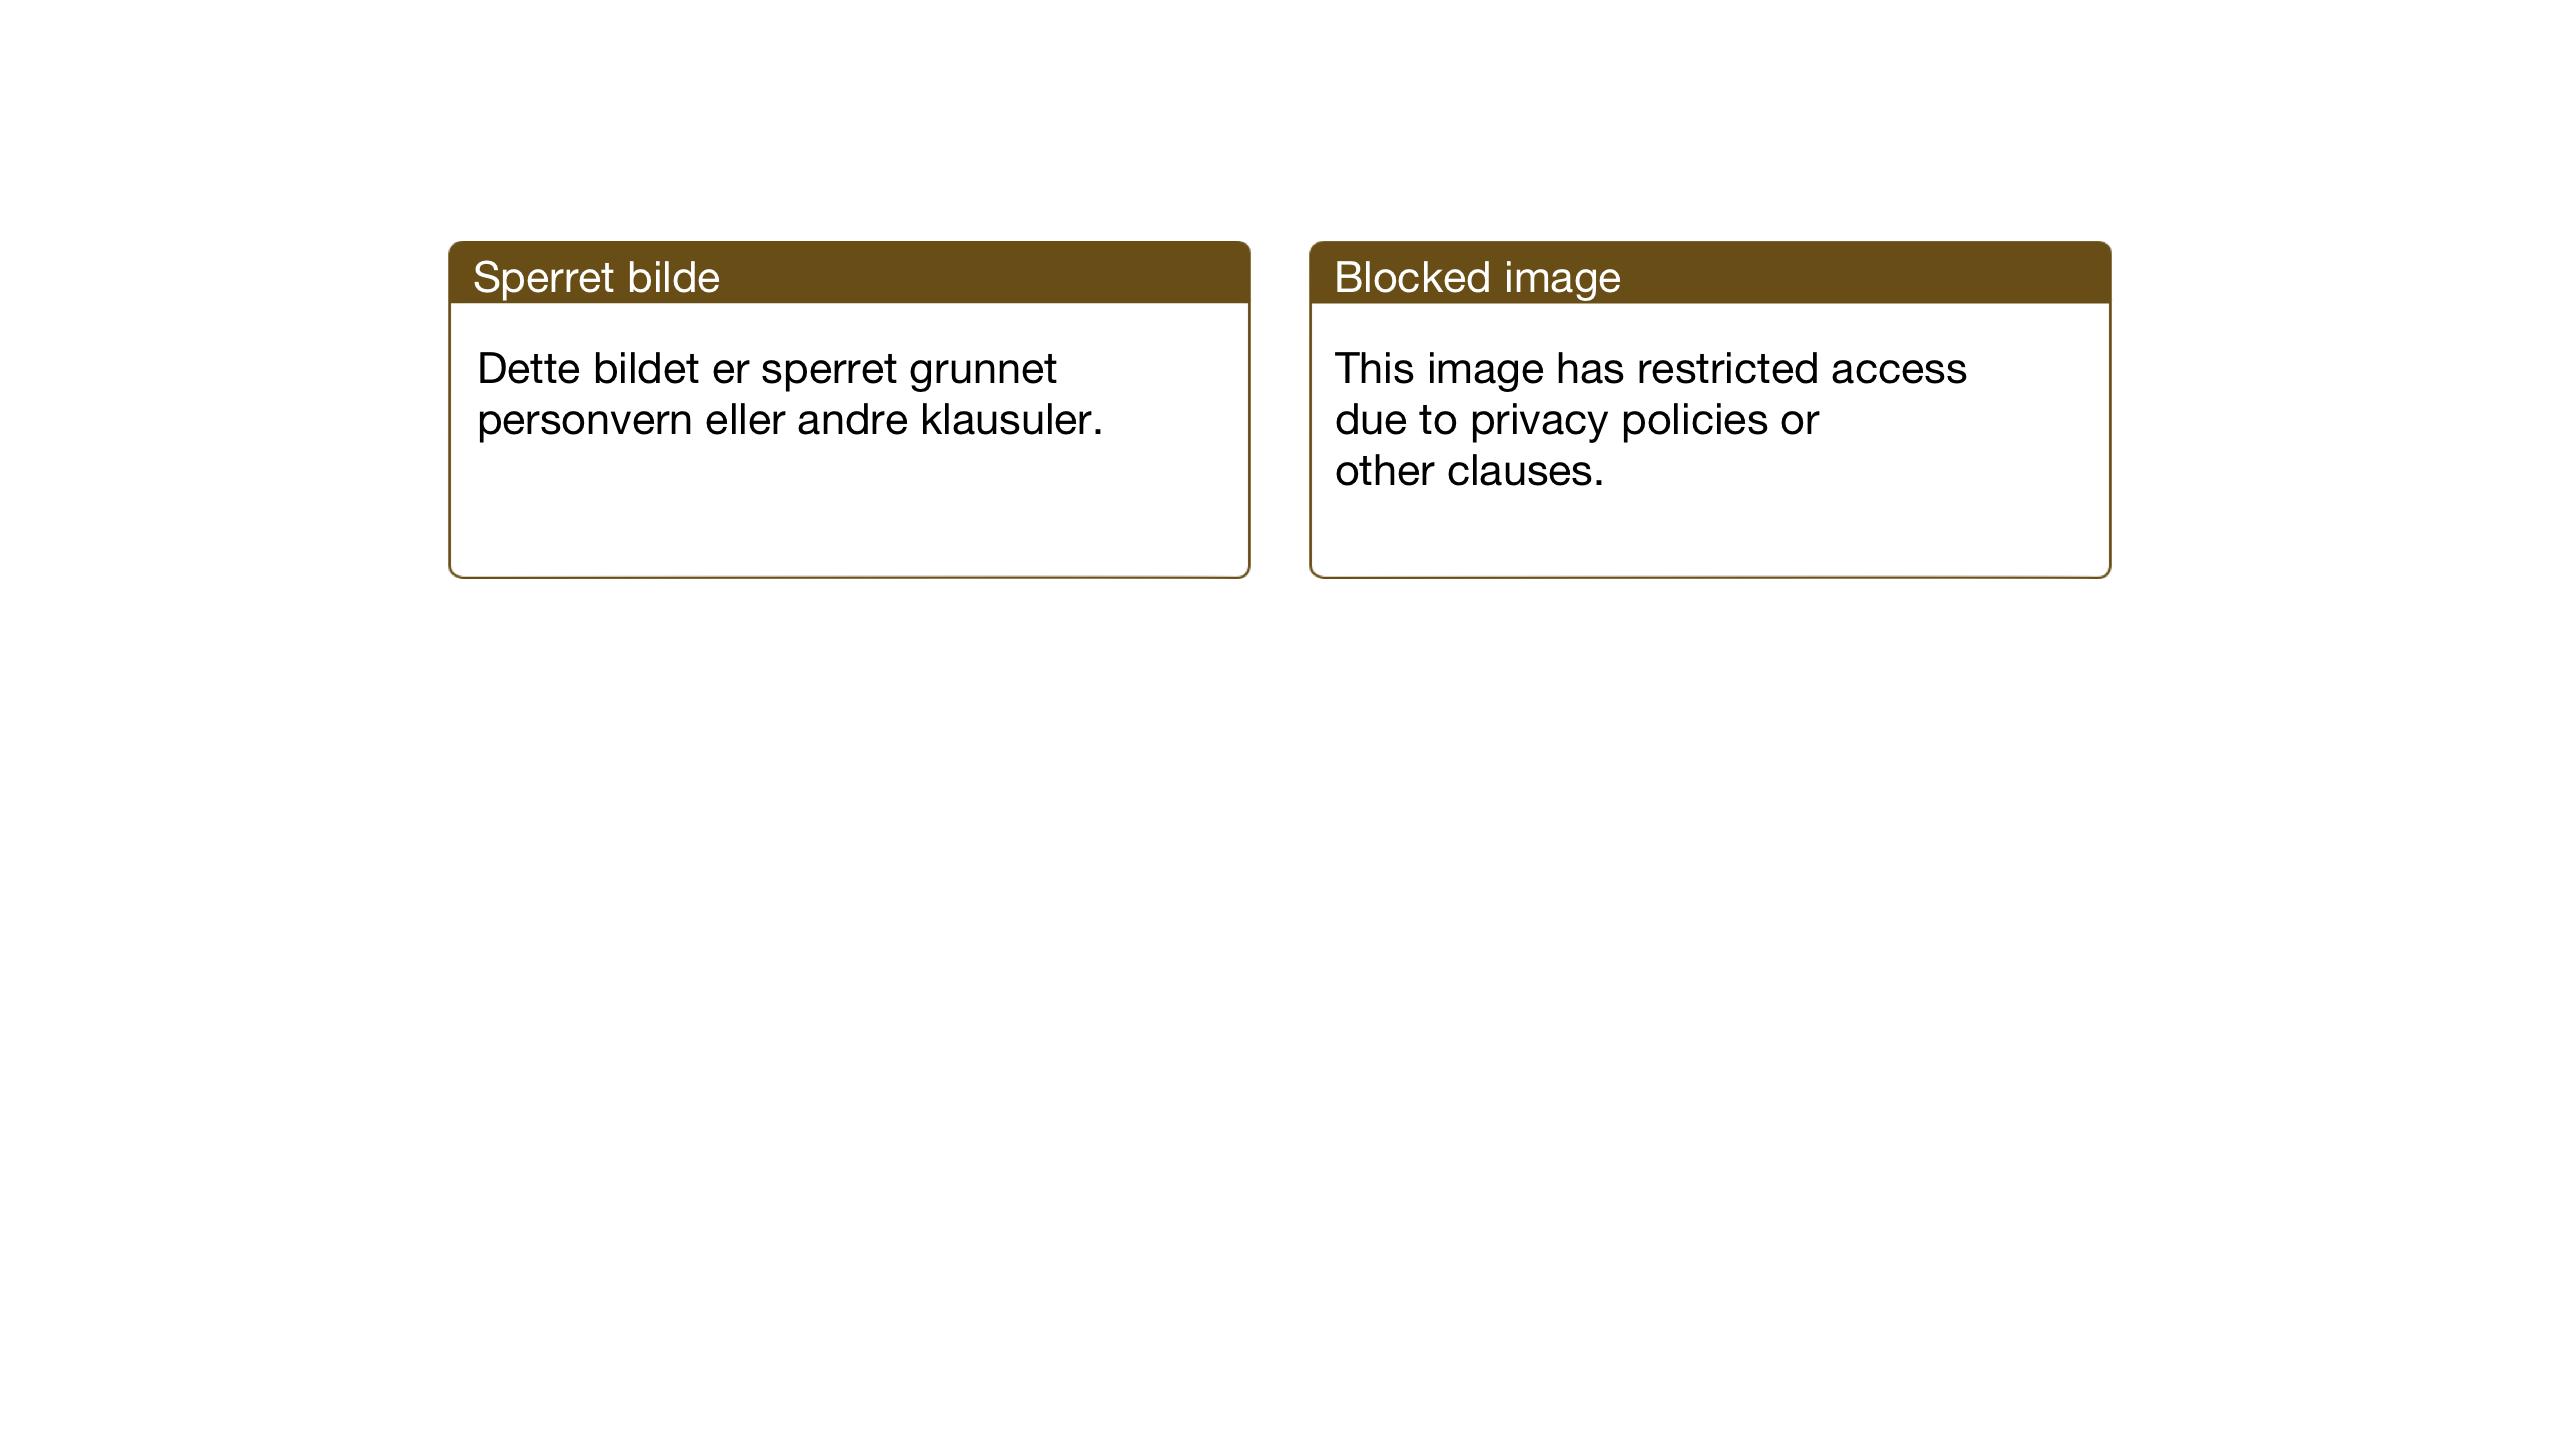 SAT, Ministerialprotokoller, klokkerbøker og fødselsregistre - Sør-Trøndelag, 651/L0648: Klokkerbok nr. 651C02, 1915-1945, s. 69